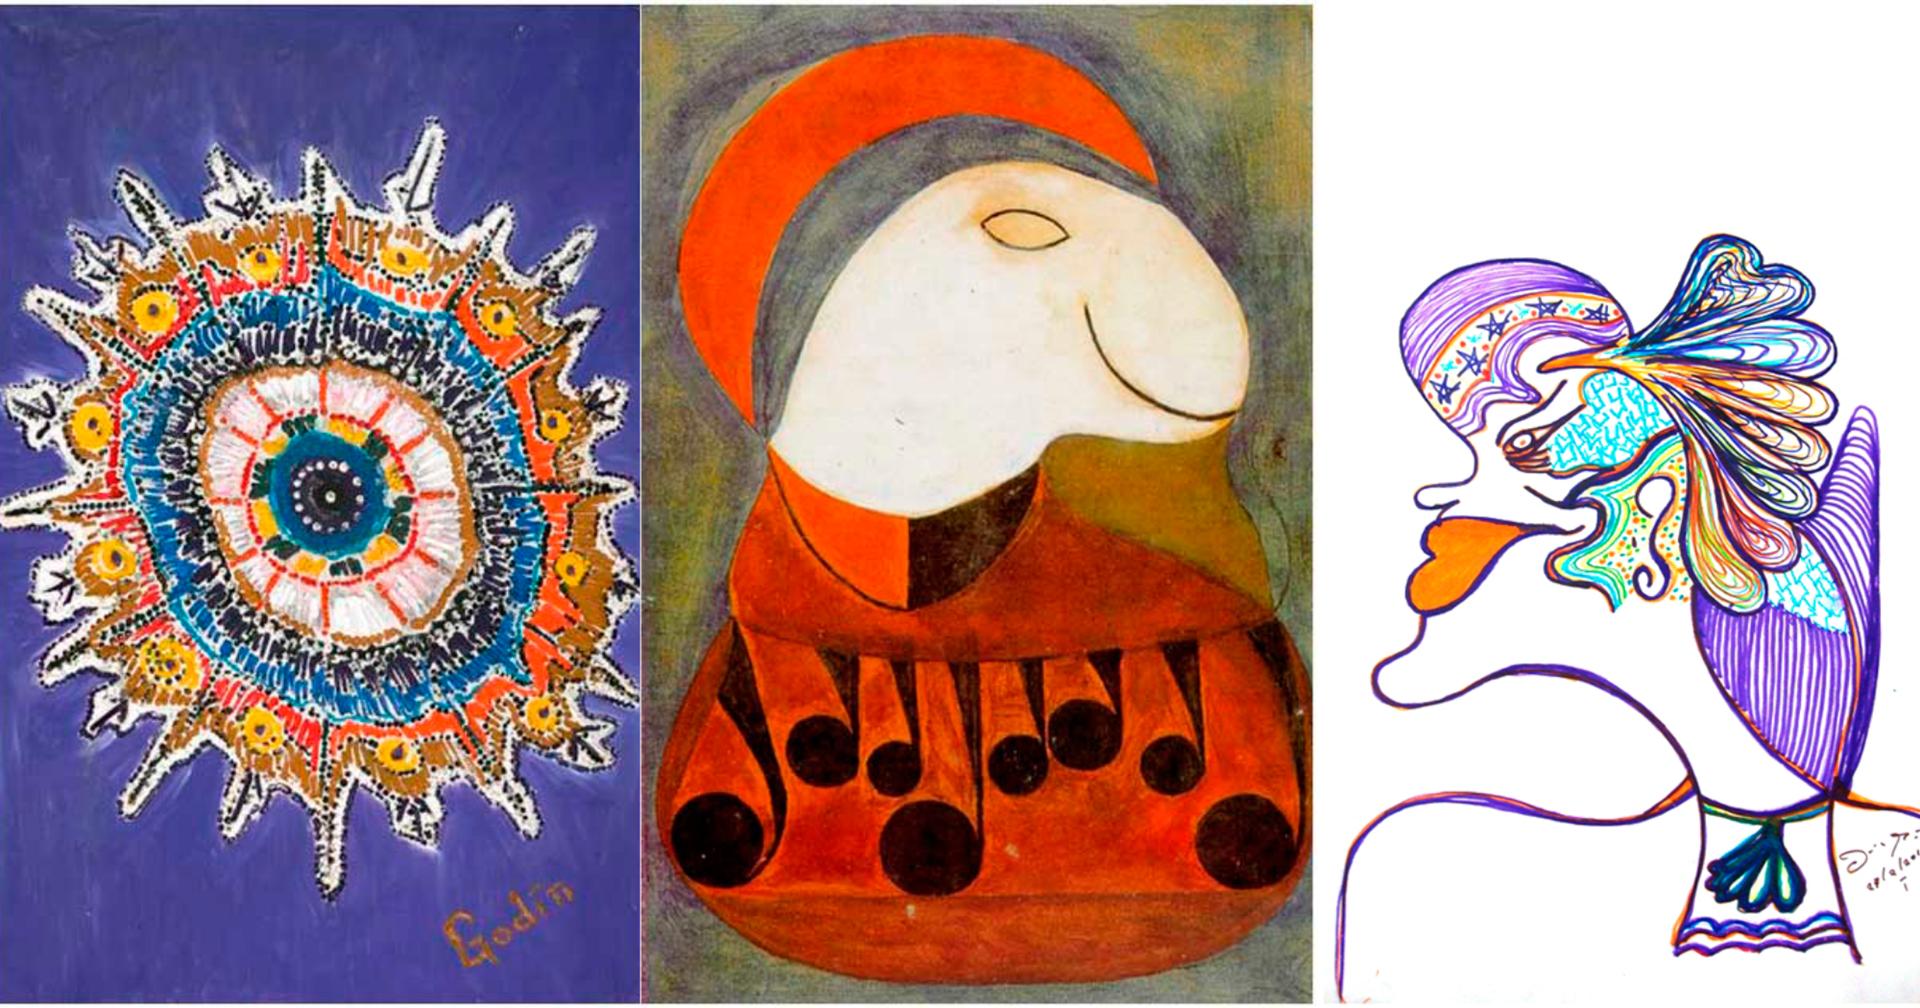 Obras de arte produzidas por pacientes de Nise da Silveira, uma das grandes mulheres brasileiras.